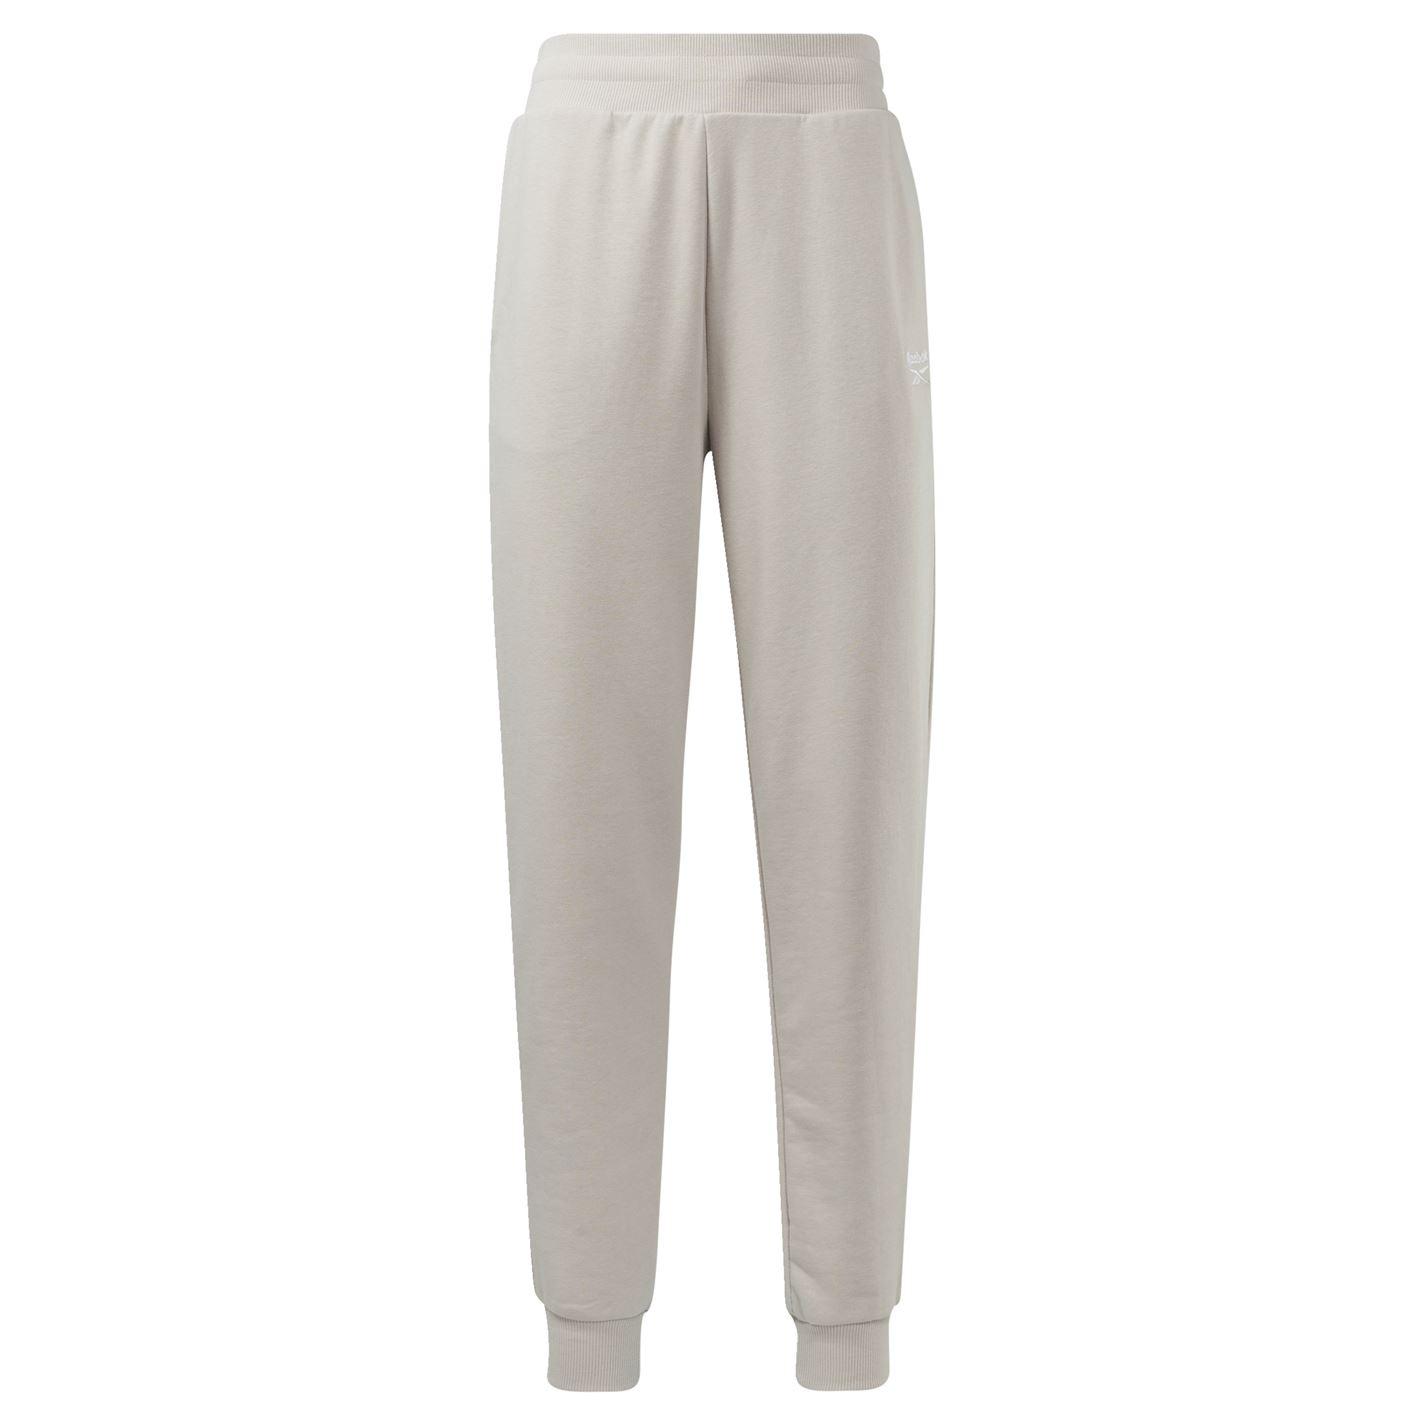 Pantaloni sport Reebok Classics pentru femei bej maro deschis